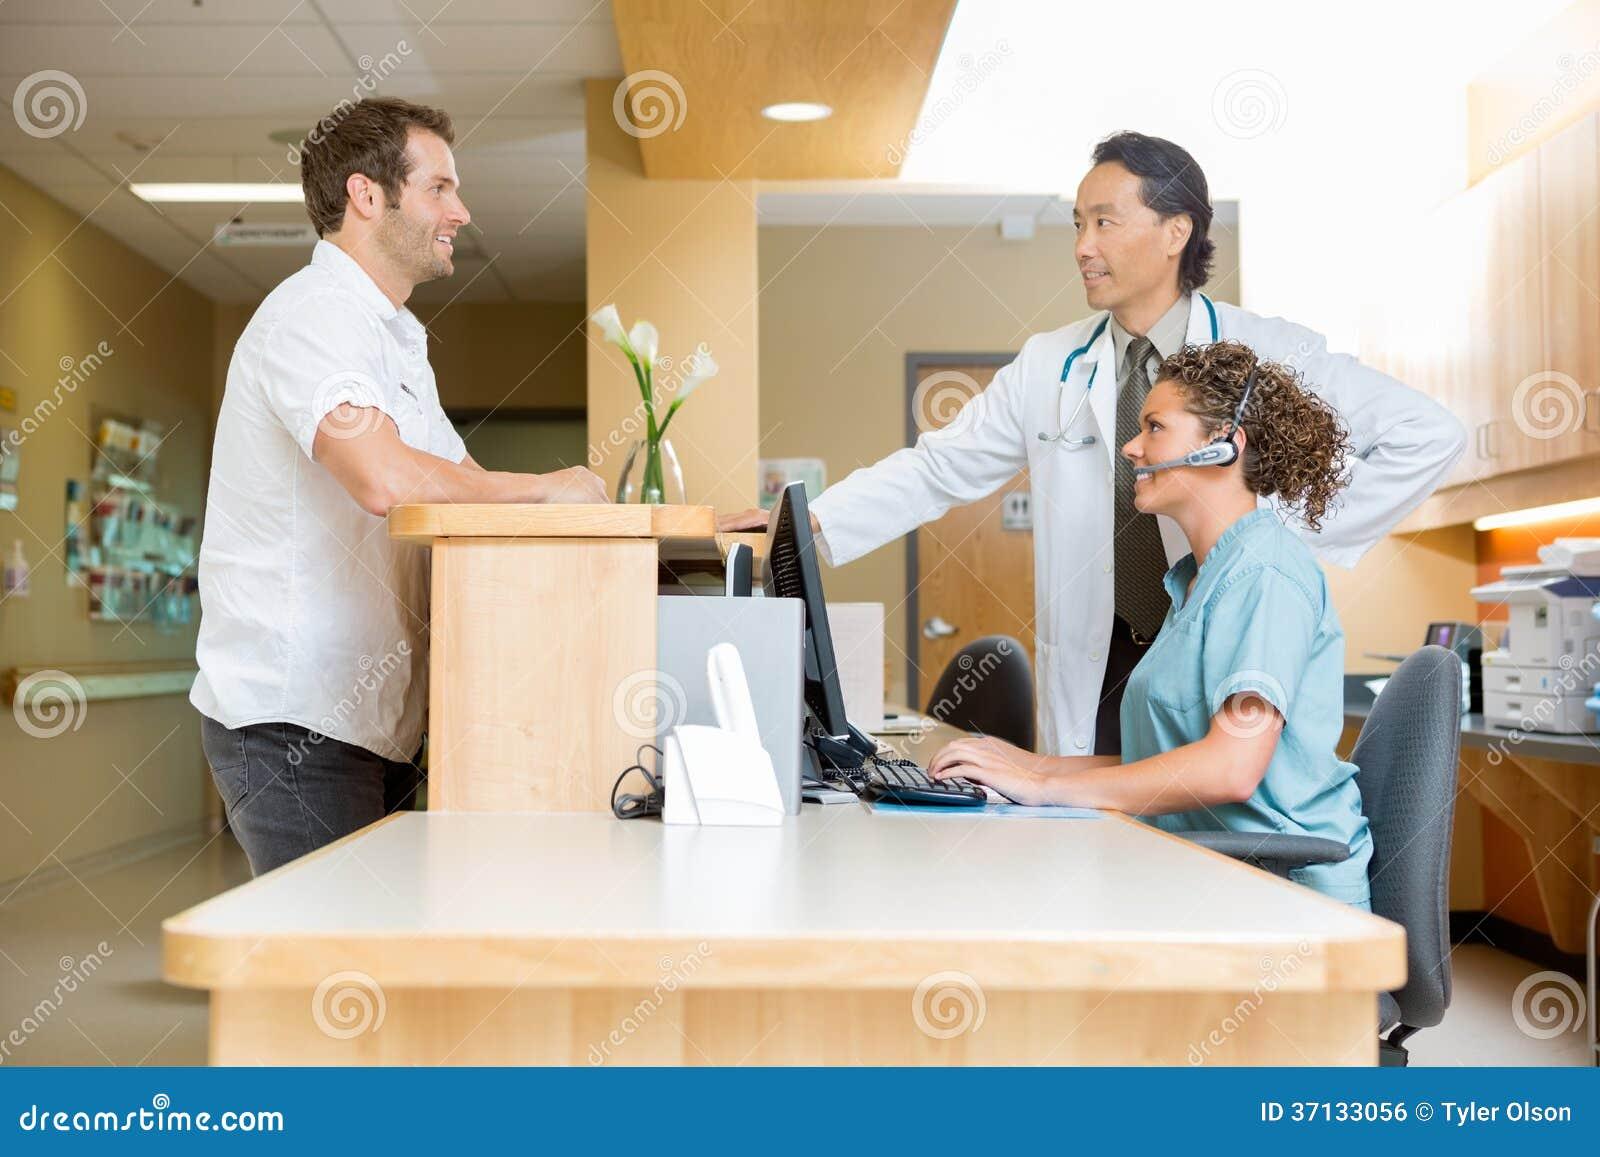 24 hour doctor helpline free uk dating